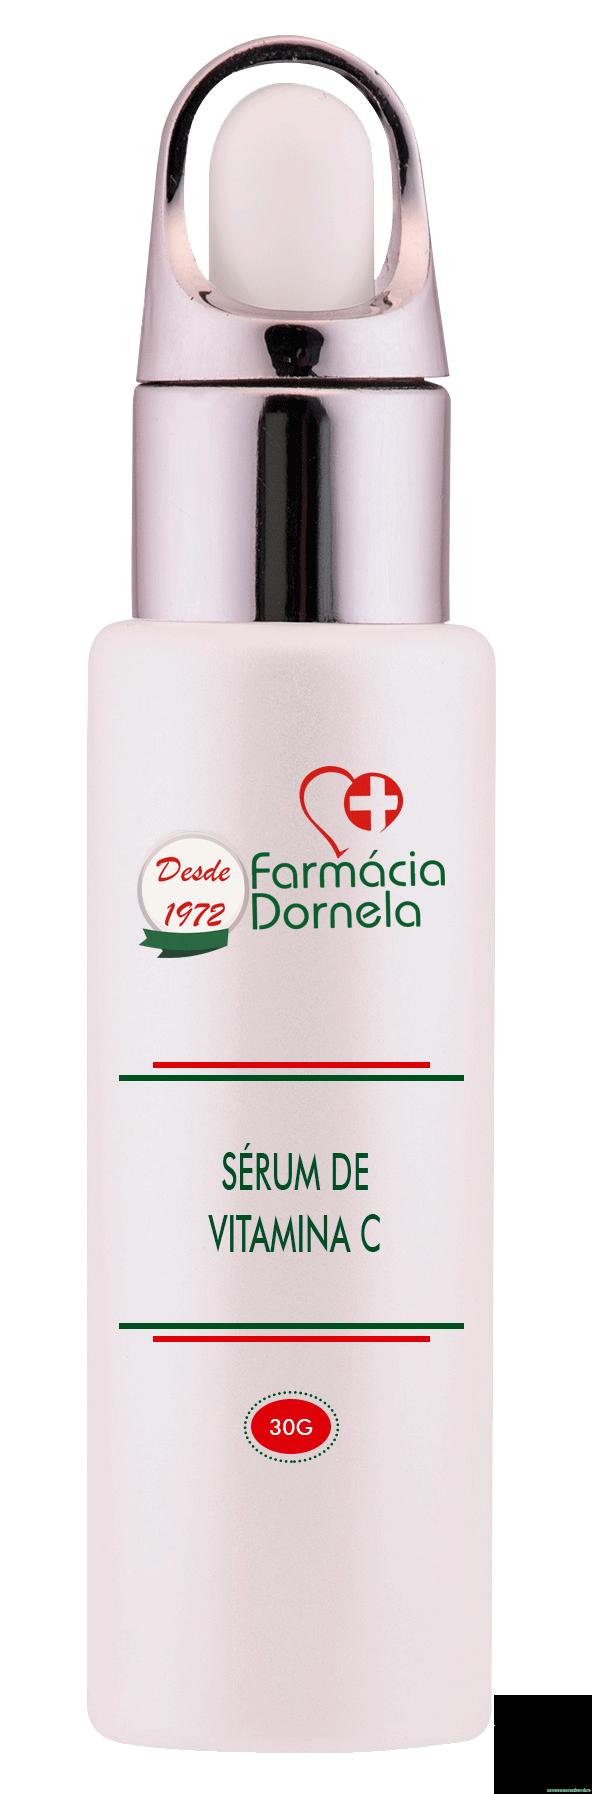 Imagem do produto Sérum de Vitamina C